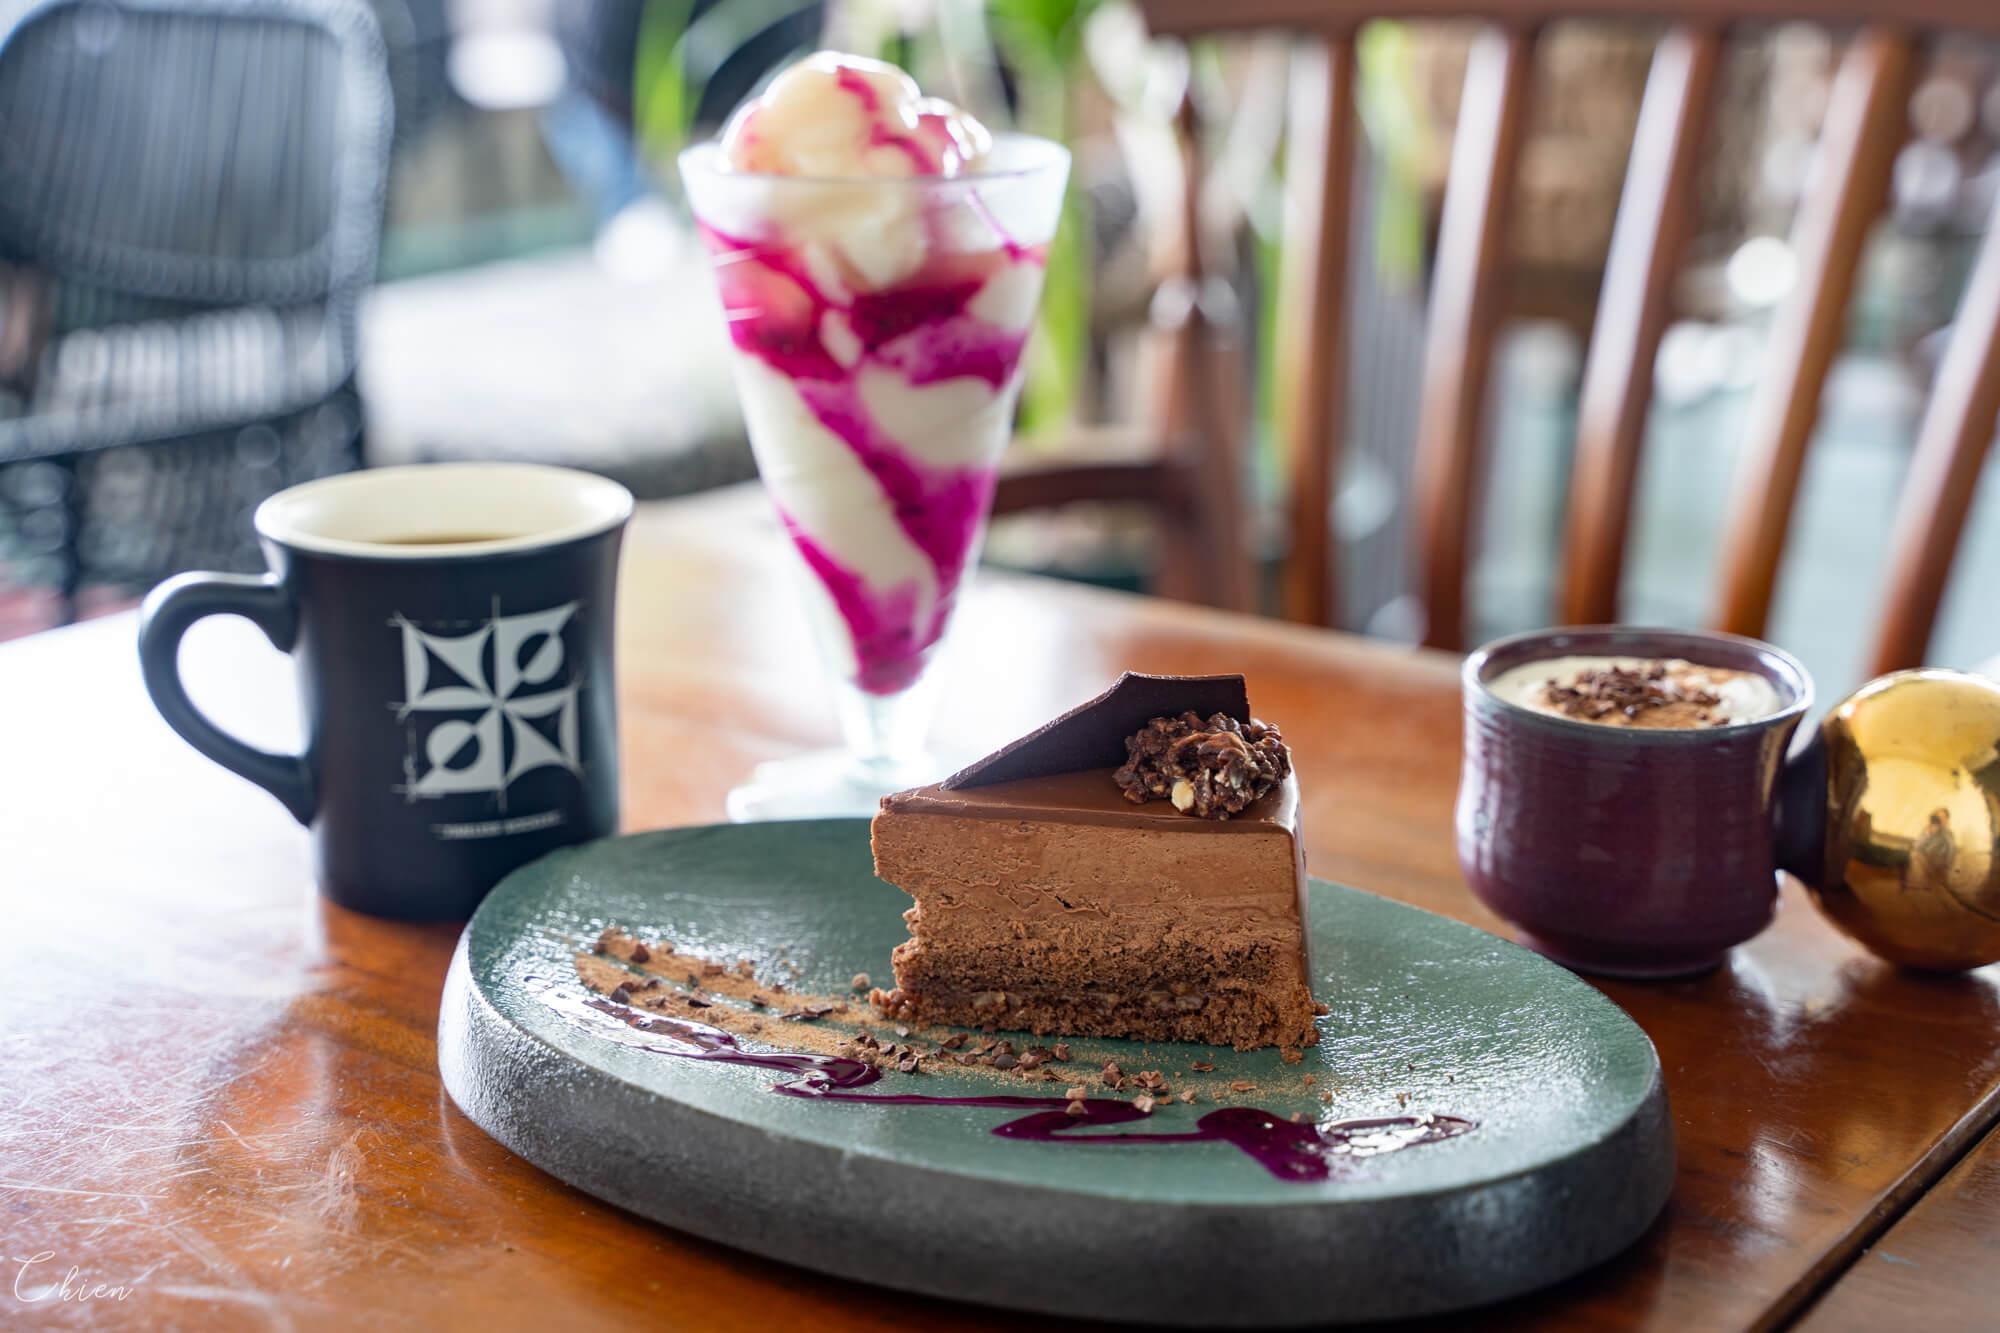 沖繩美國村海景美食 timeless chocolate 巧克力專賣咖啡